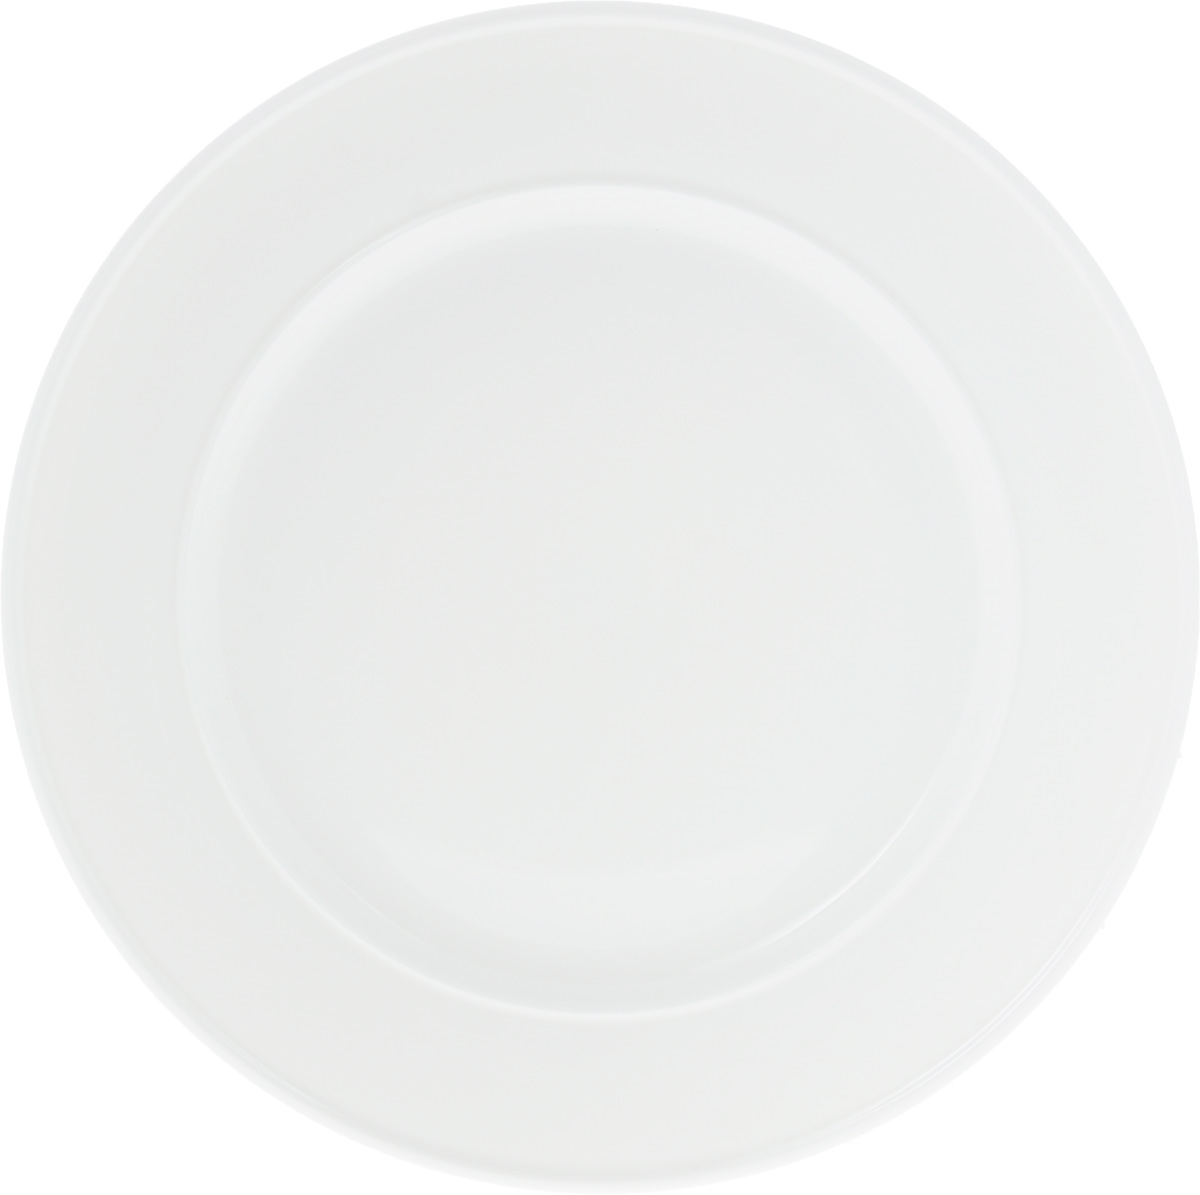 Блюдо Wilmax, диаметр 30,5 см. WL-991244 / A26535Оригинальное блюдо Wilmax, изготовленное из высококачественного фарфора, прекрасно подойдет для подачи нарезок, закусок и других блюд. Оно украсит ваш кухонный стол, а также станет замечательным подарком к любому празднику.